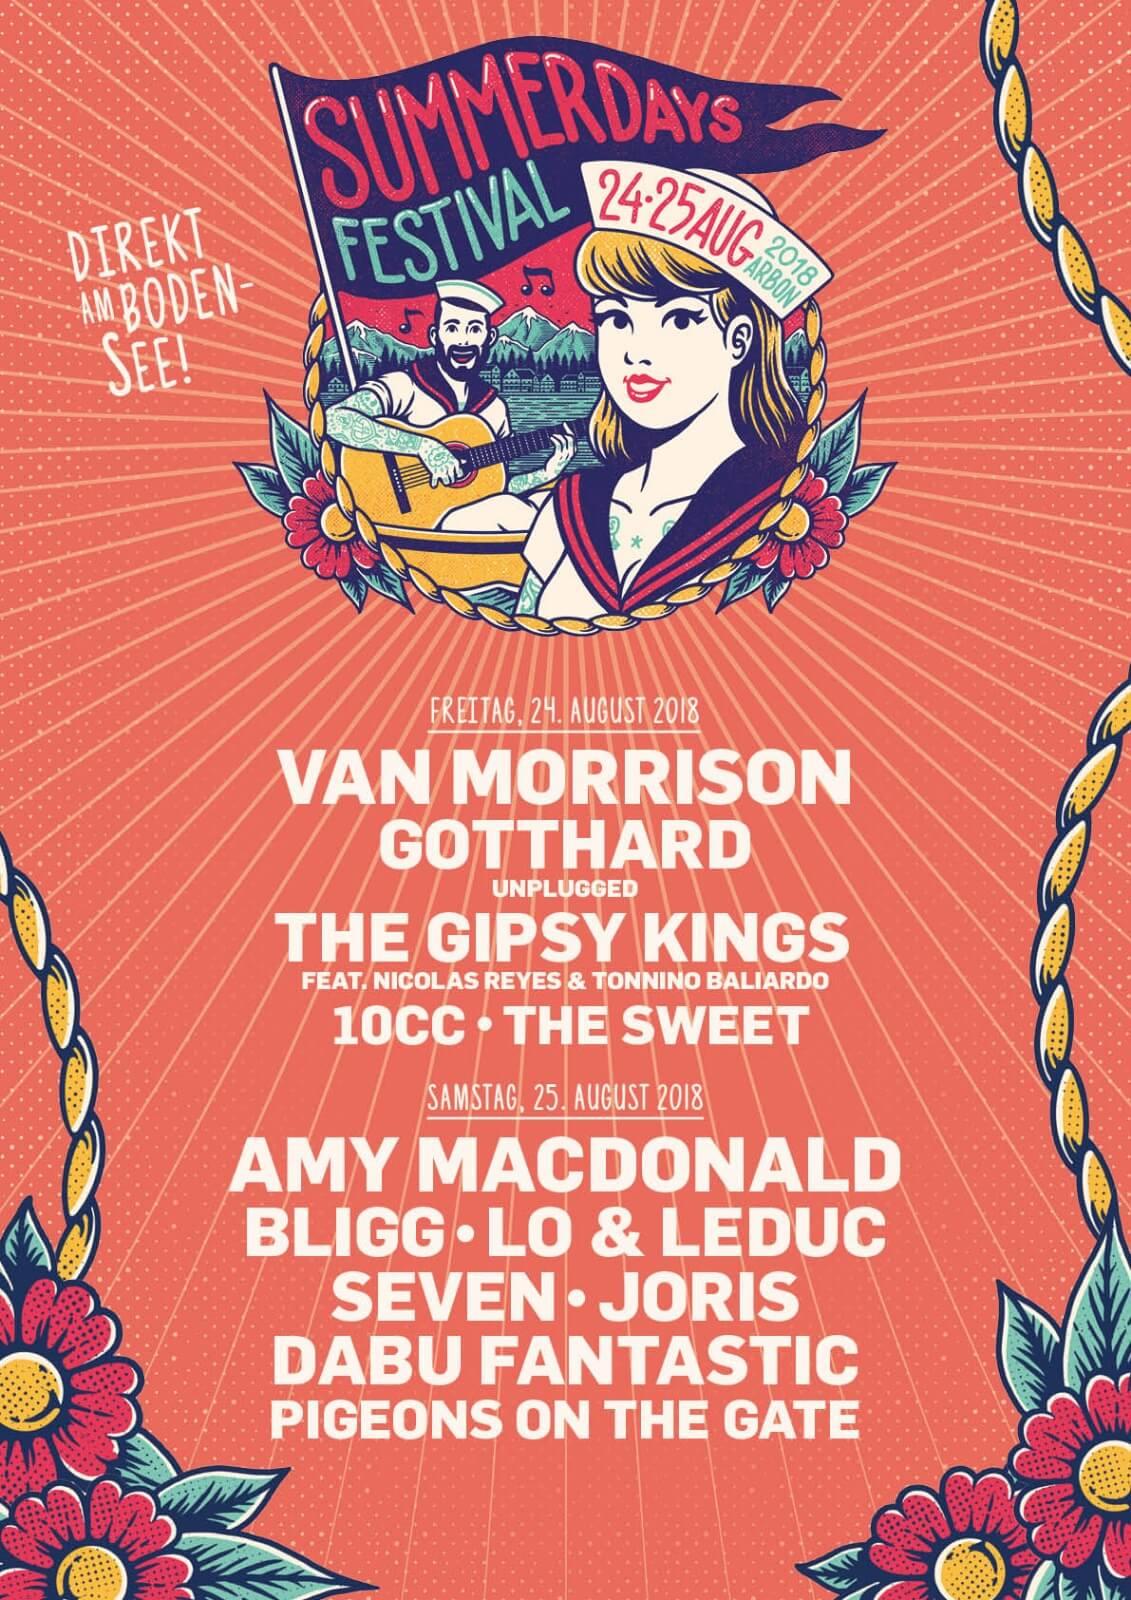 Plakat Summerdays Festival 2018